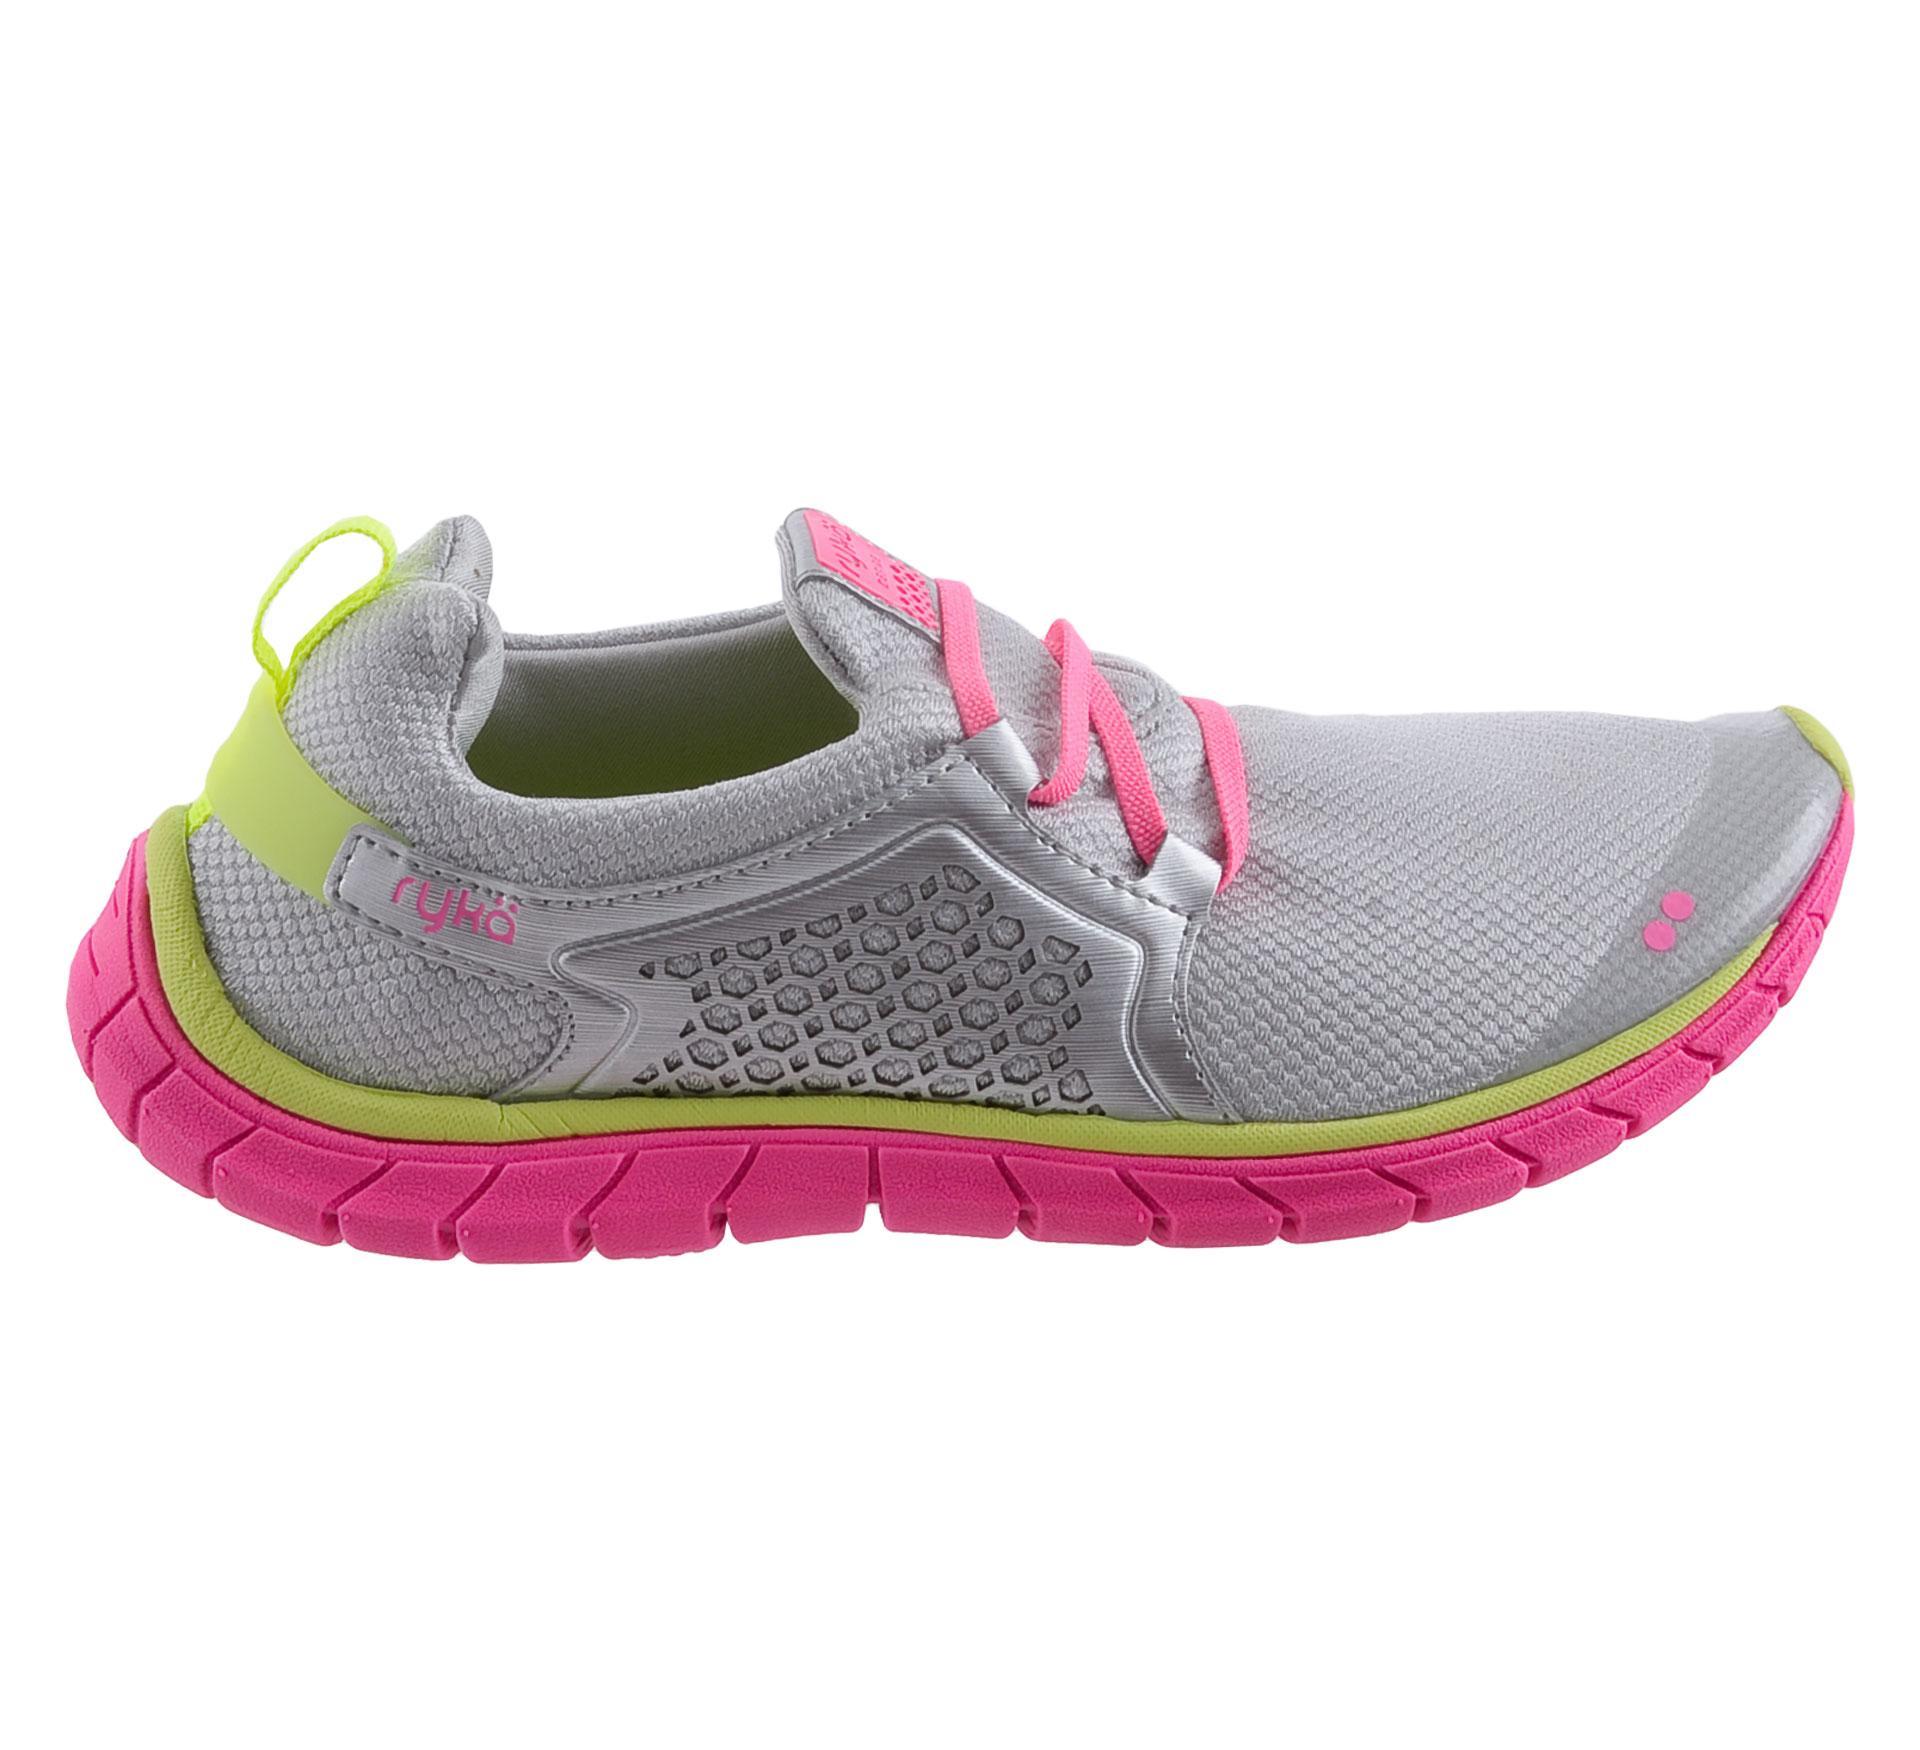 Rykä  Desire Low Fitnessschoenenen Dames zilver - roze - geel